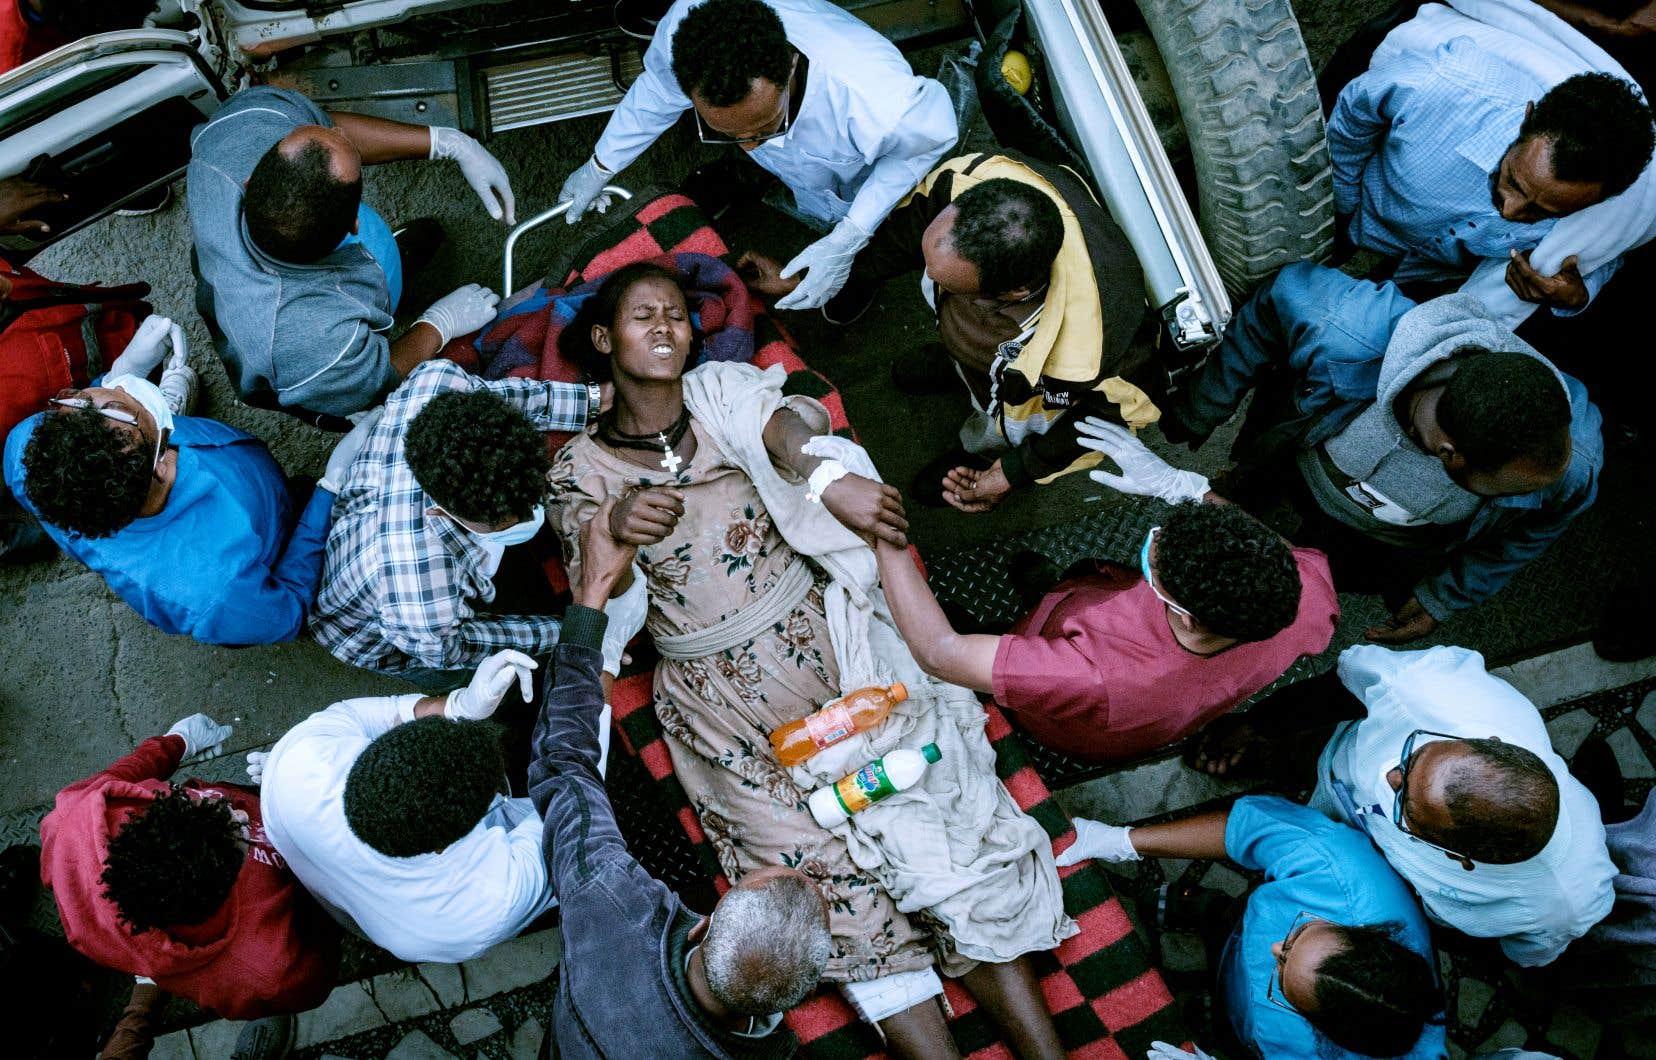 L'armée éthiopienne est accusée d'avoir empêché les secours d'accéder à Togoga et les blessés de se rendre à l'hôpital de Mekele, après avoir bombardé la région, mardi. Sur la photo, une victime de la frappe aérienne de Togoga en route vers l'hôpital, mercredi.